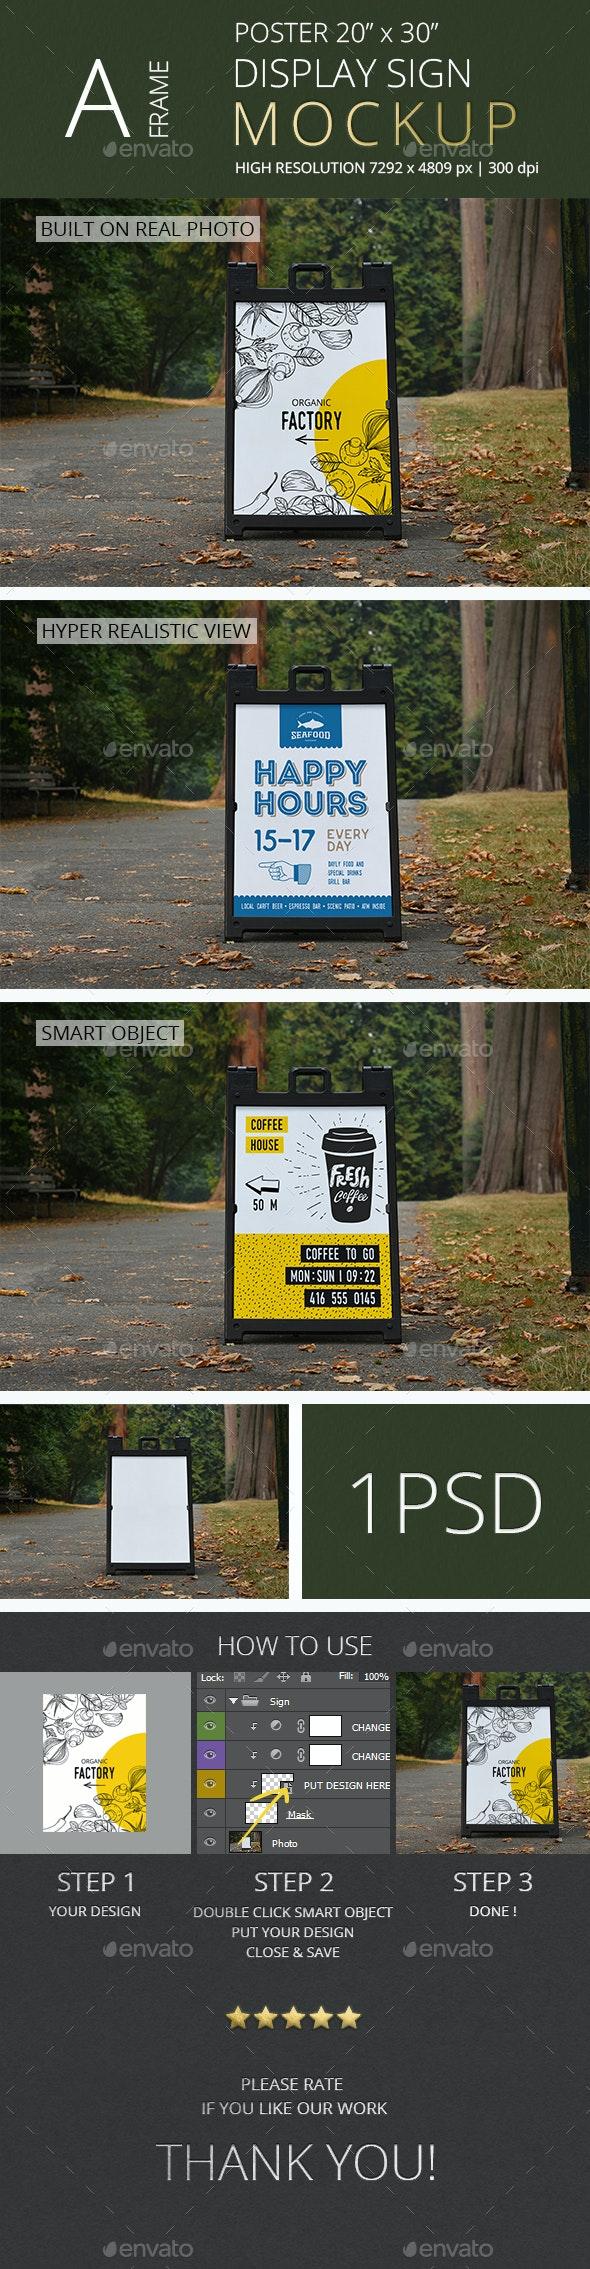 A-Frame Poster Display Sign Mockup/ Vol 2.0 - Signage Print